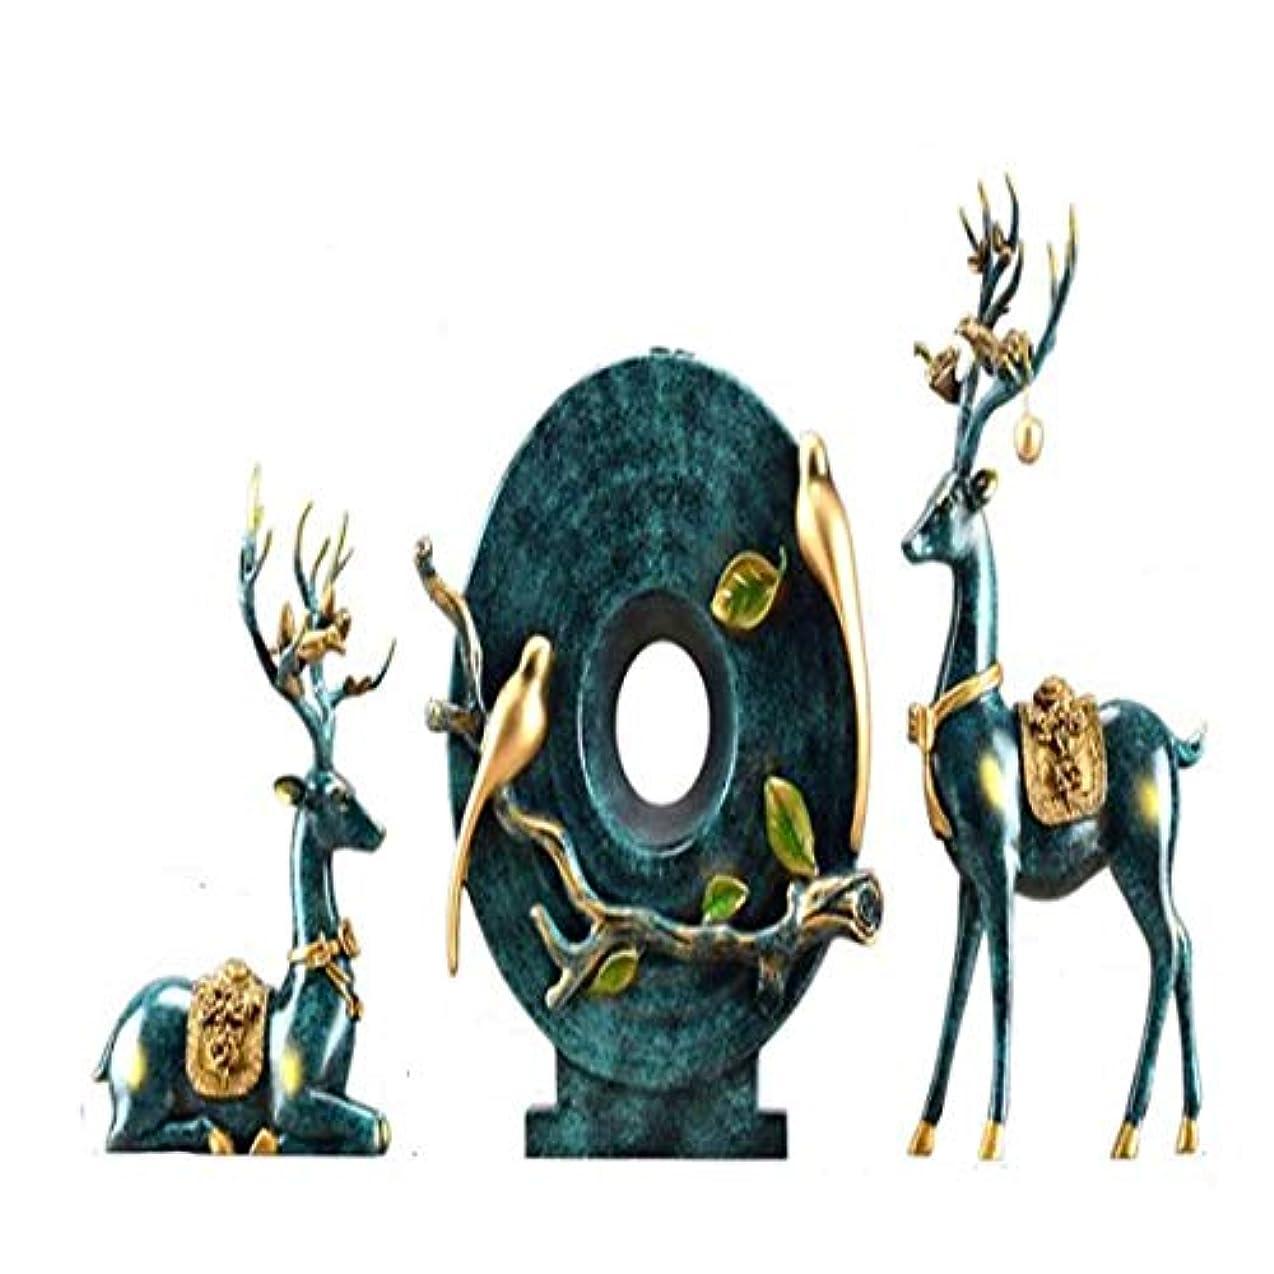 病的発明する断片Aishanghuayi クリエイティブアメリカン鹿の装飾品花瓶リビングルーム新しい家の結婚式のギフトワインキャビネットテレビキャビネットホームソフト装飾家具,ファッションオーナメント (Color : A)